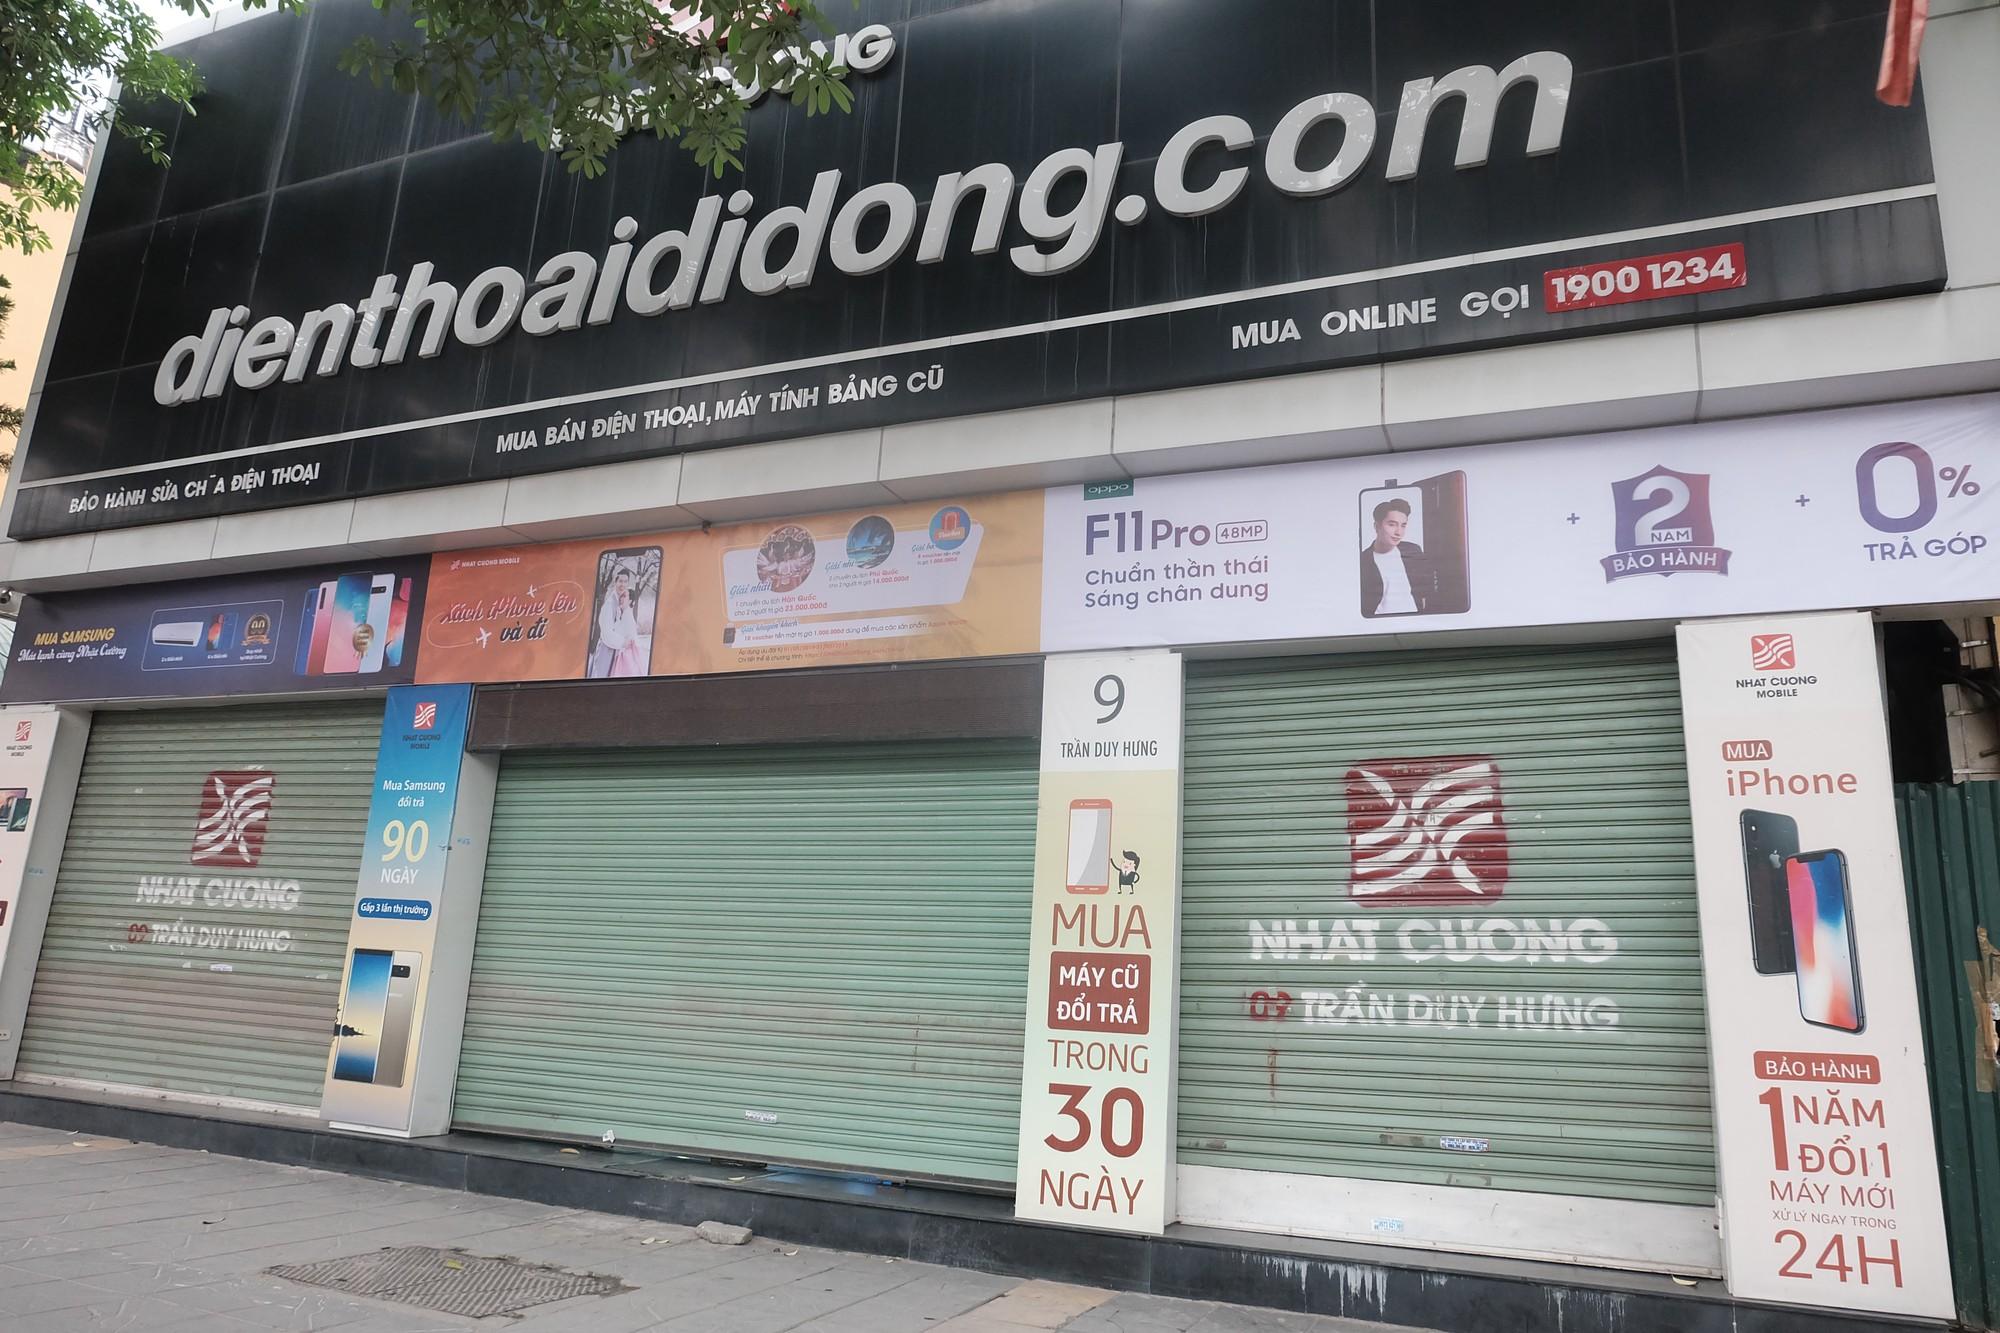 Loạt cửa hàng Nhật Cường Mobile tiếp tục đóng cửa sau khi bị khám xét, khách đến đòi máy trong vô vọng - Ảnh 5.